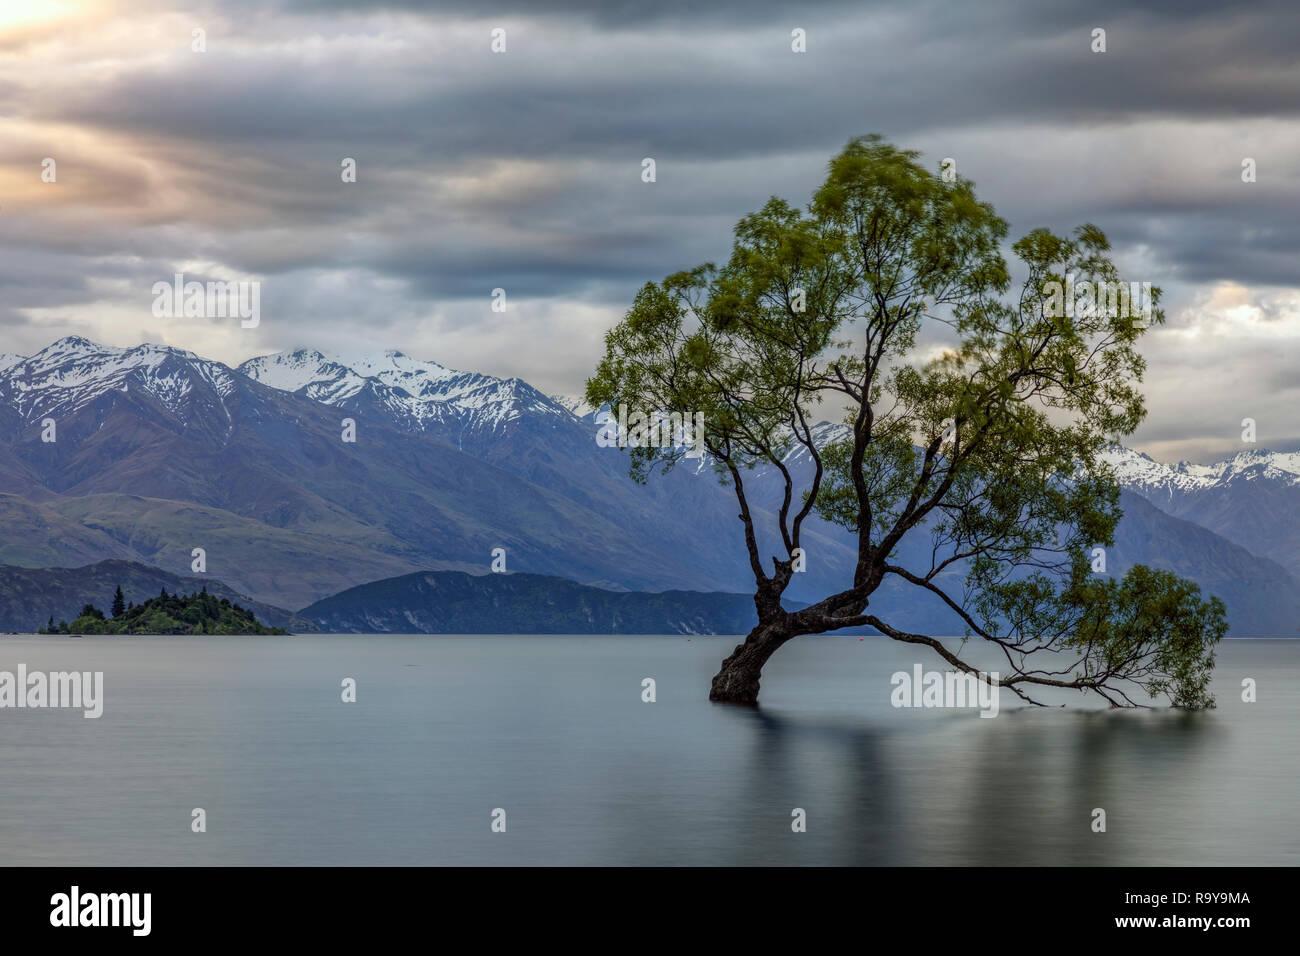 Wanaka, Queenstown, Otago Lakes District, île du Sud, Nouvelle-Zélande Banque D'Images